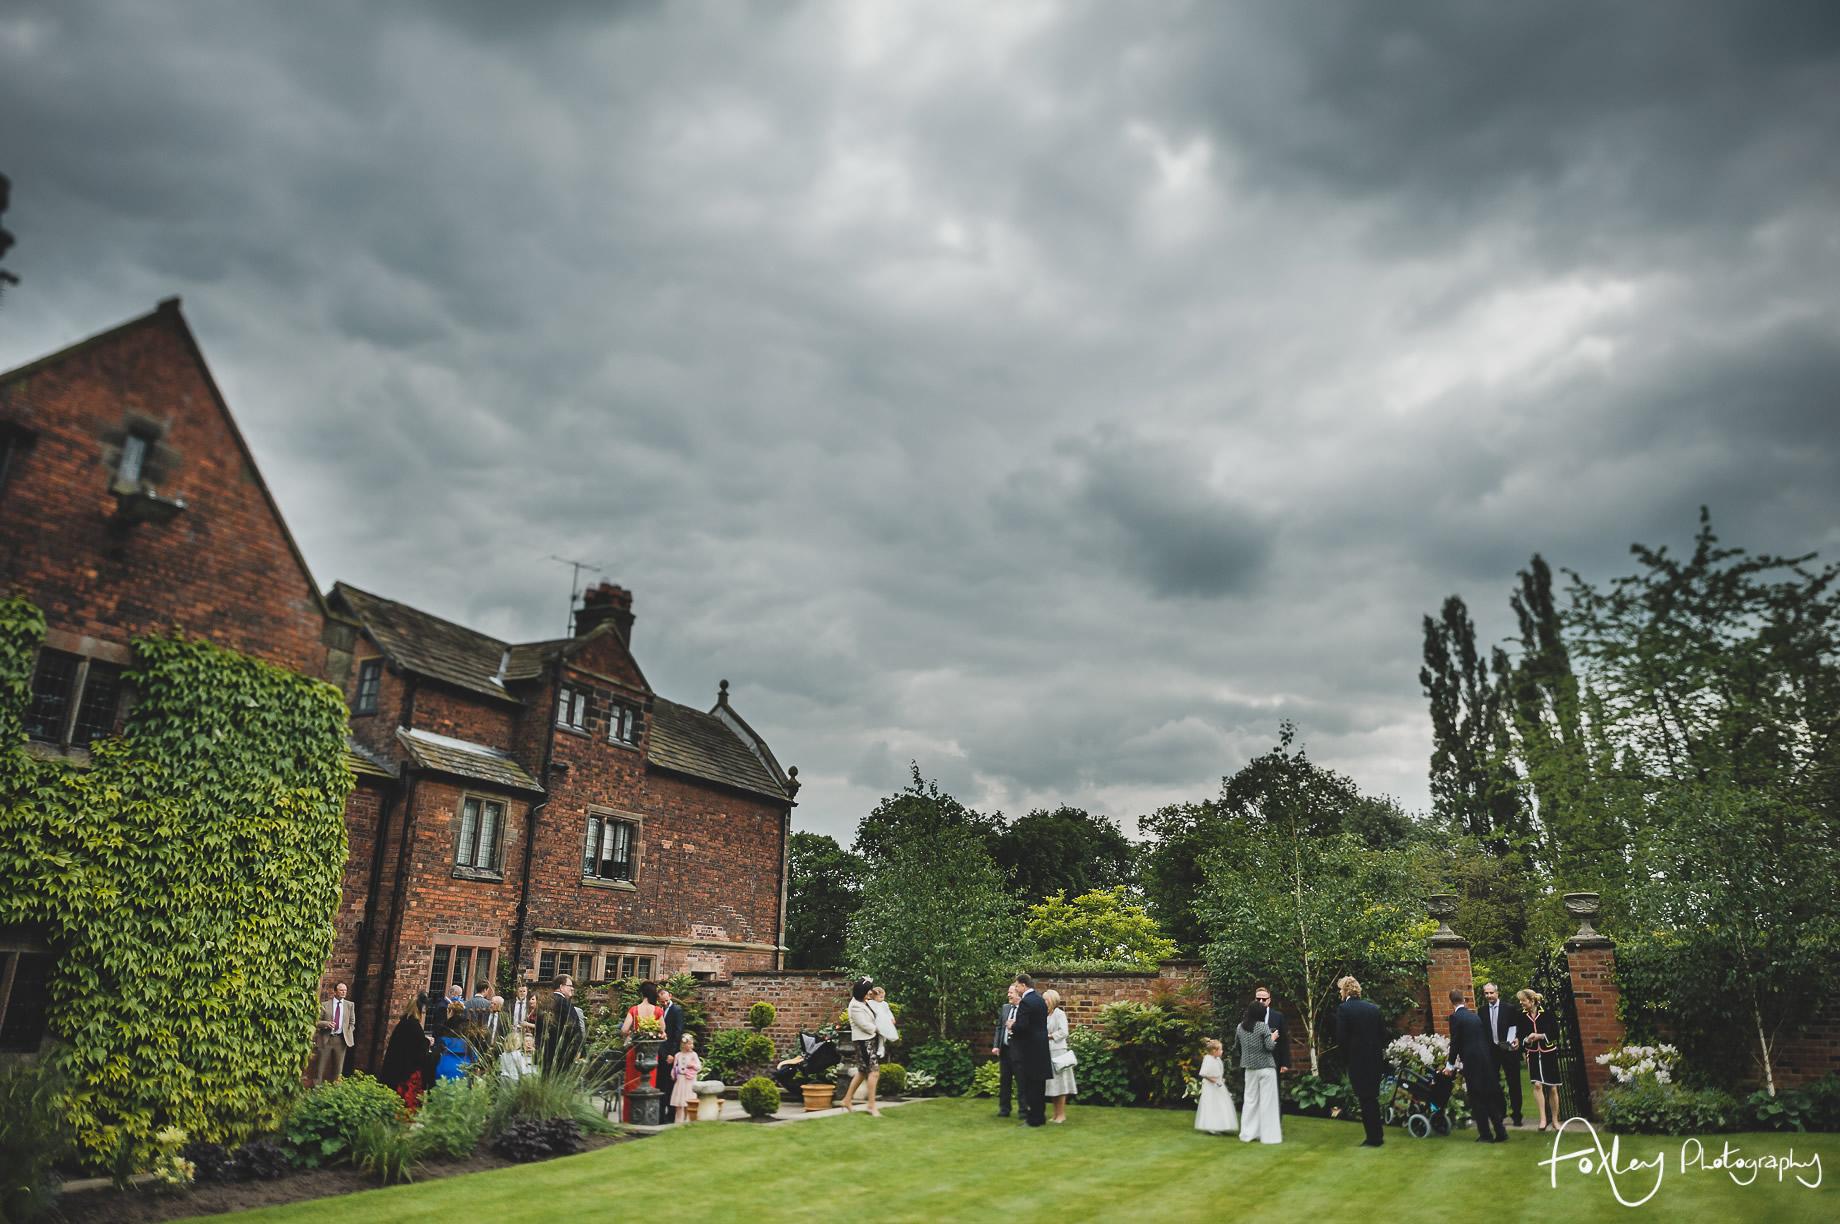 Simona-and-Robert-Wedding-at-Colshaw-Hall-063